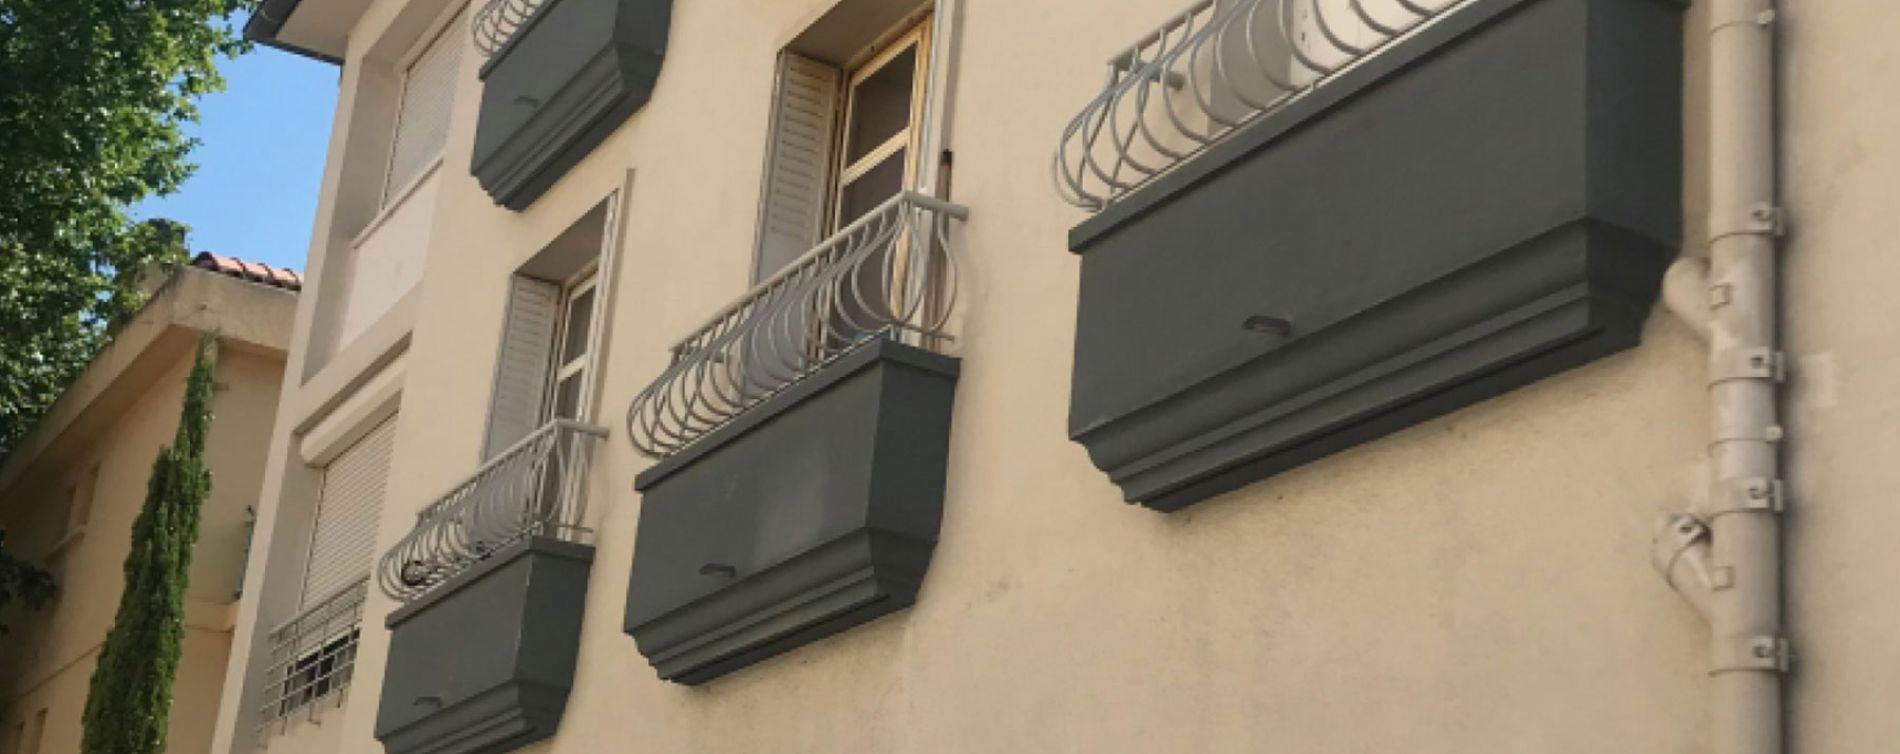 Résidence 11 Rue Montmajour à Aix-en-Provence